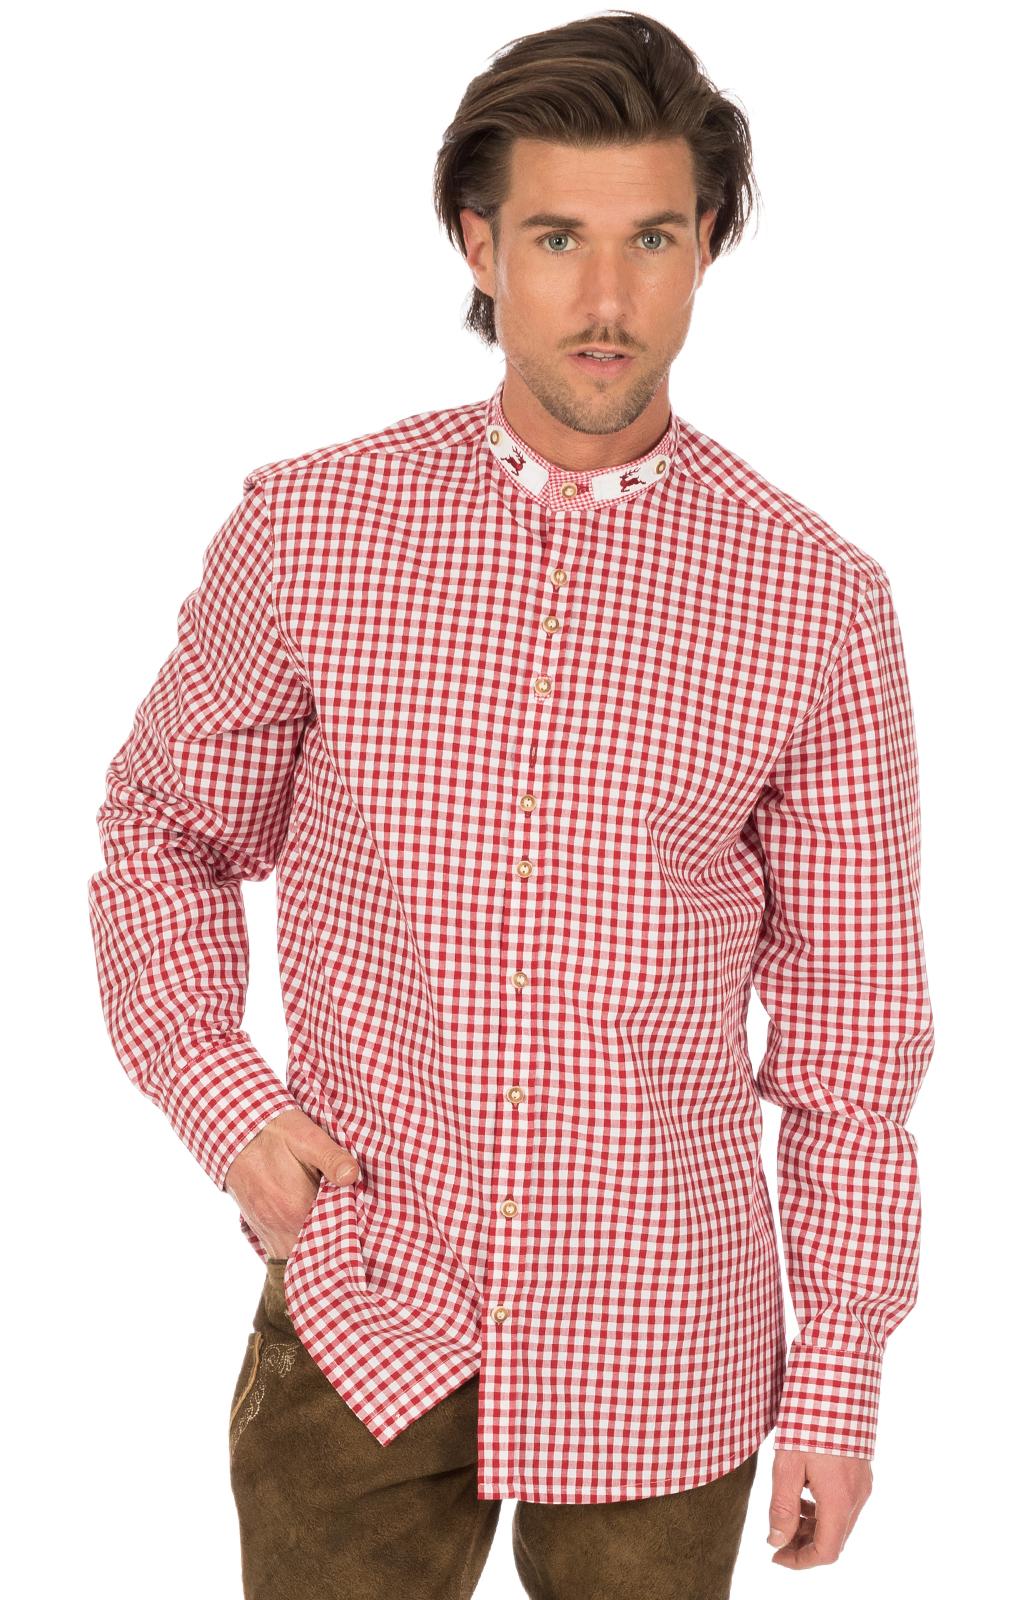 weitere Bilder von Trachtenhemd IRANO Stehkragen rot weiss